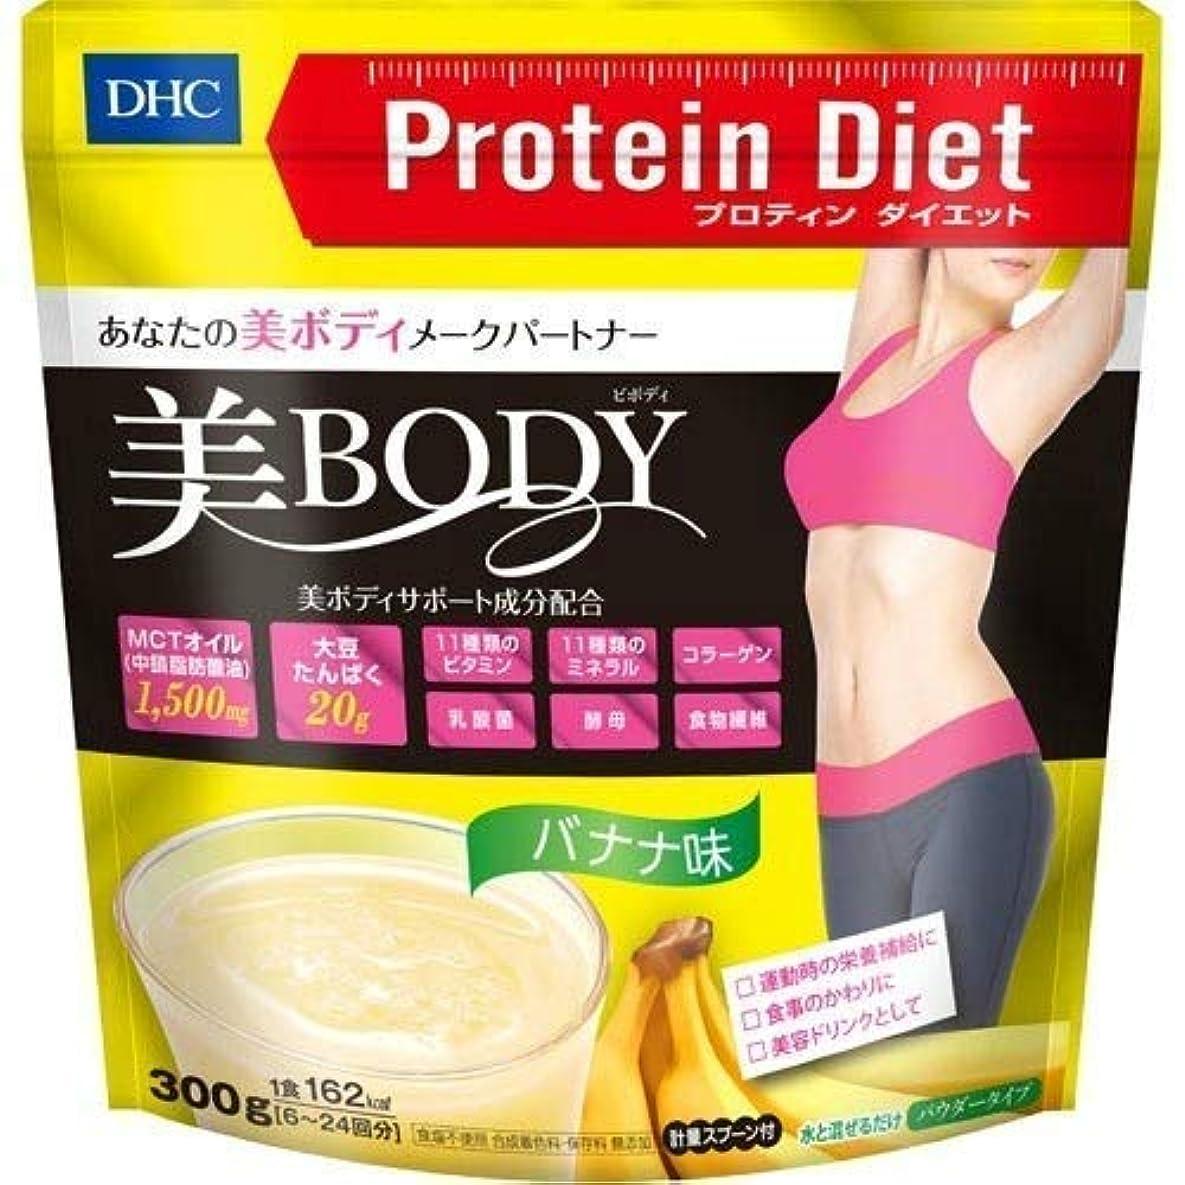 学者放送甘くするDHC プロテインダイエット 美Body バナナ味 300g×2個